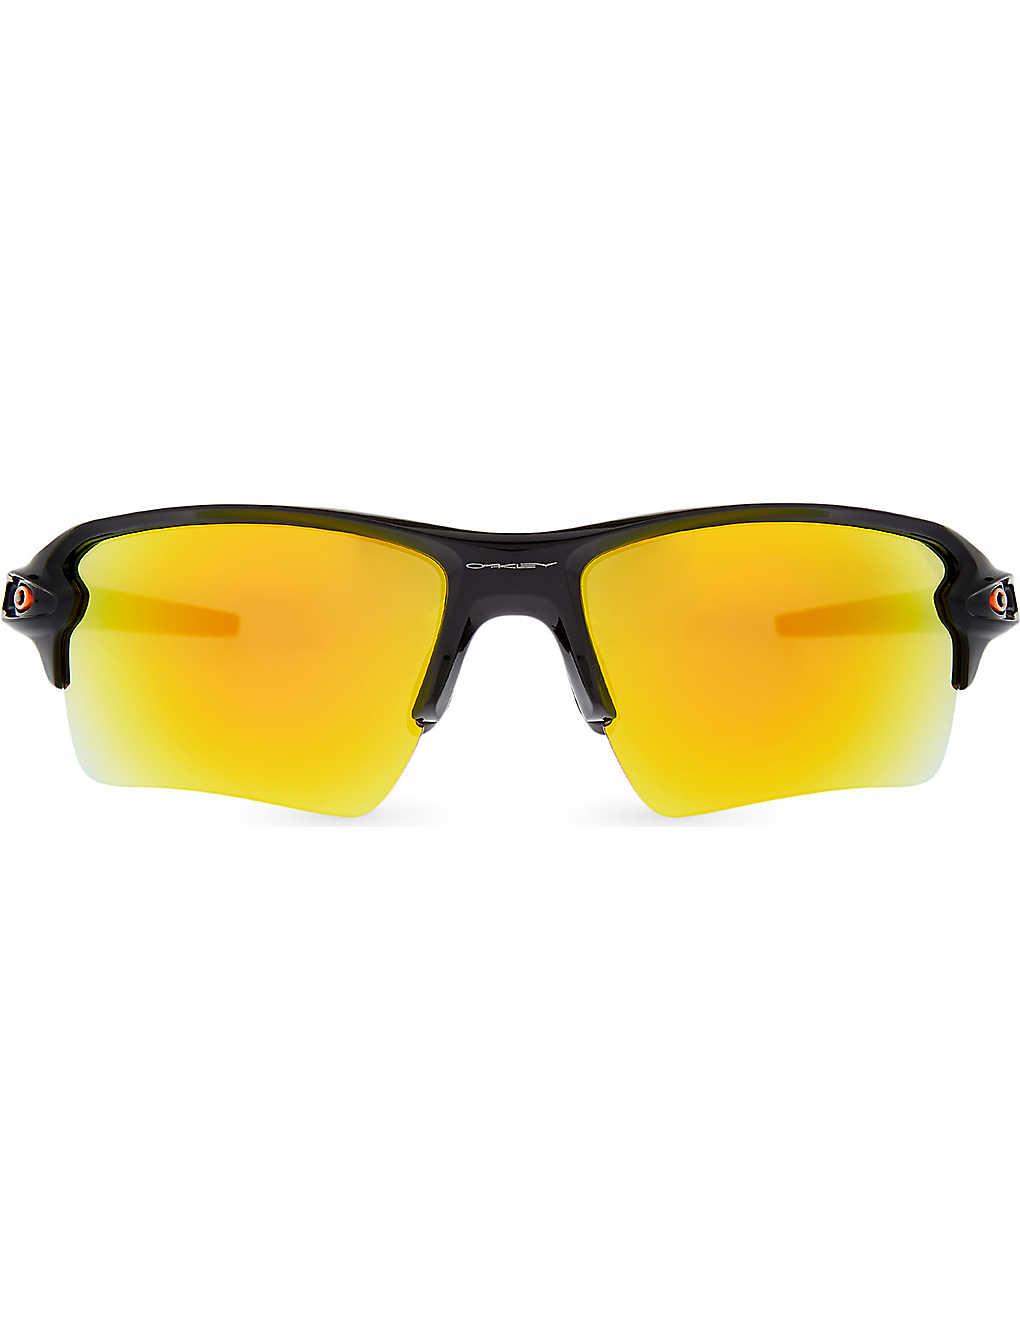 db33c93af70 OAKLEY - Flak 2.0 XL Team Color wrap-around sunglasses